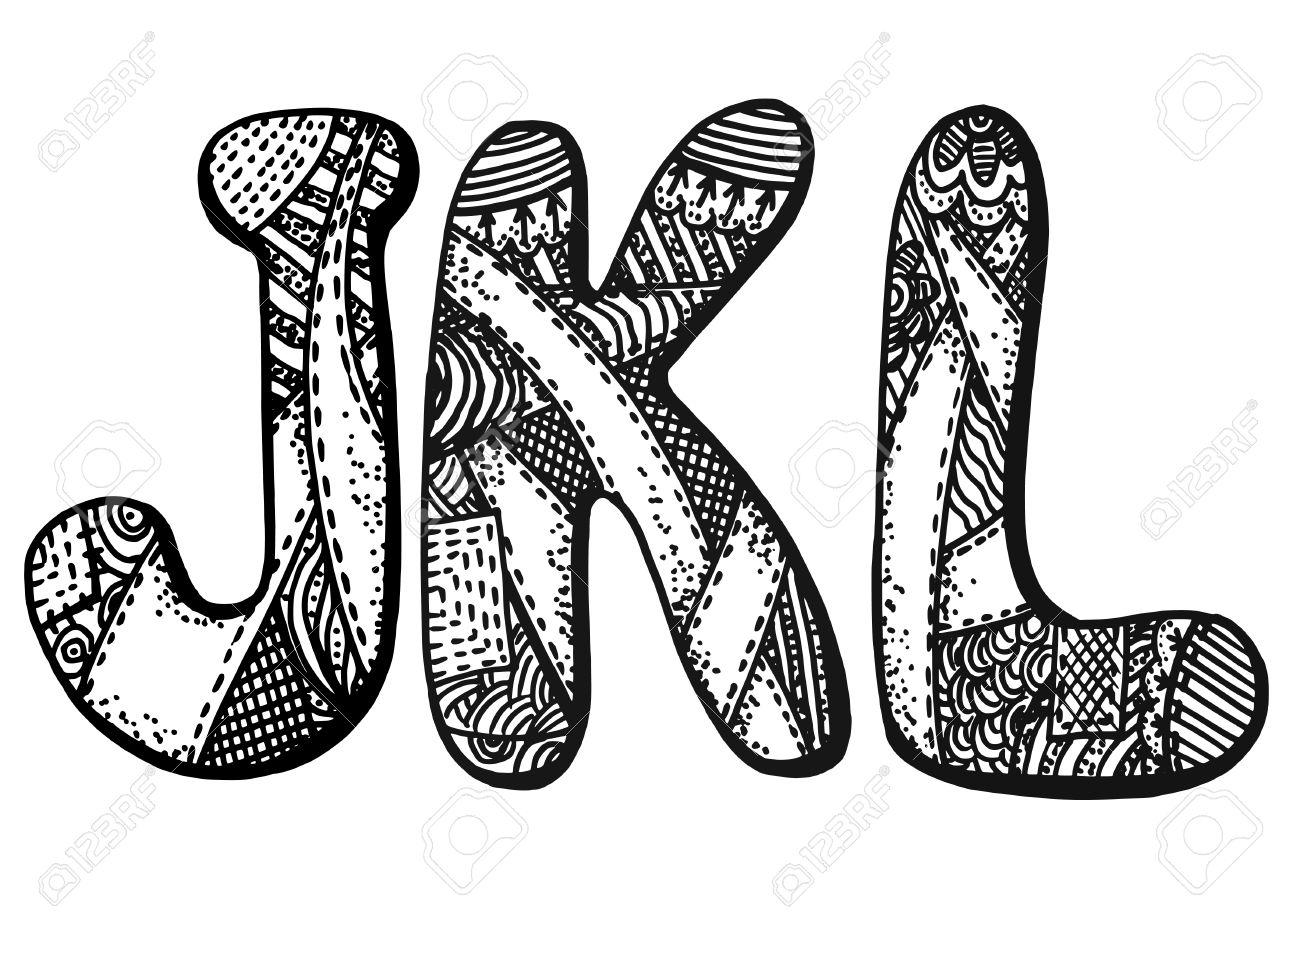 Alphabet Artistique vector graphique, artistique, image stylisée de lettres de l